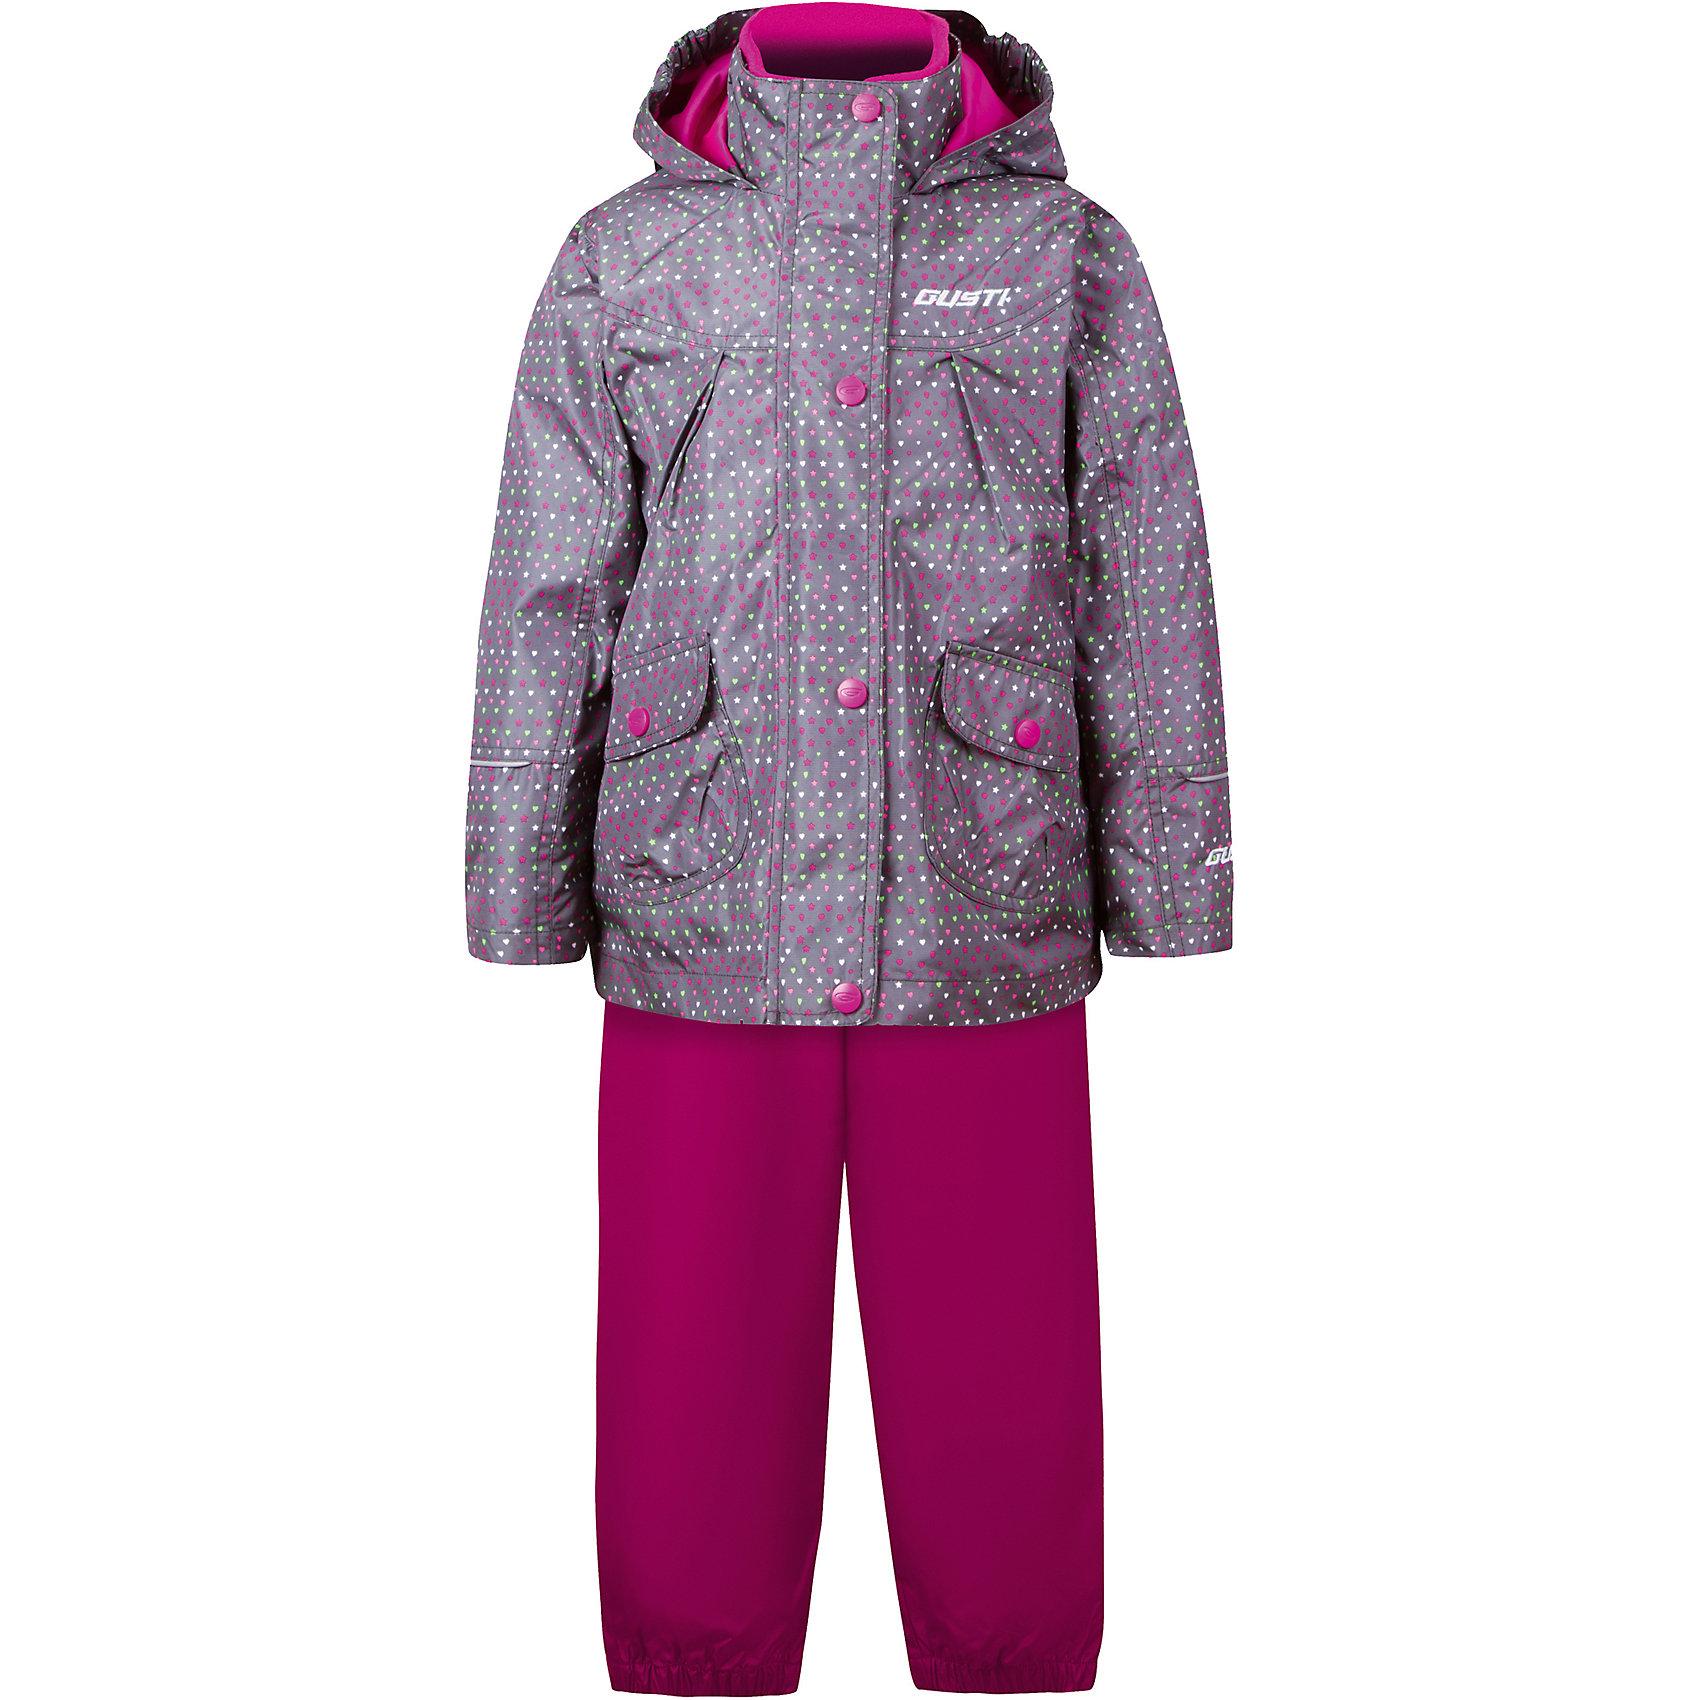 Комплект: куртка, толстовка и брюки для девочки GustiВерхняя одежда<br>Характеристики товара:<br><br>• цвет: серый<br>• состав: 100% полиэстер, подкладка, утеплитель - 100% полиэстер<br>• комплектация: куртка, съемная флисовая подкладка, брюки<br>• температурный режим: от +5° С до +15° С<br>• водонепроницаемый материал<br>• капюшон<br>• карманы<br>• съемные подтяжки<br>• брючины эластичные<br>• комфортная посадка<br>• светоотражающие элементы<br>• молния<br>• утеплитель: синтепон<br>• демисезонный<br>• страна бренда: Канада<br><br>Этот демисезонный комплект из куртки, пристегивающейся к ней толстовки из флиса, и штанов поможет обеспечить ребенку комфорт и тепло. Предметы удобно садятся по фигуре, отлично смотрятся с различной обувью. Комплект очень модно выглядит, он хорошо защищает от ветра и влаги. Материал отлично подходит для дождливой погоды. Стильный дизайн разрабатывался специально для детей.<br><br>Комплект: куртка, толстовка и брюки для девочки от известного бренда Gusti (Густи) можно купить в нашем интернет-магазине.<br><br>Ширина мм: 356<br>Глубина мм: 10<br>Высота мм: 245<br>Вес г: 519<br>Цвет: черный<br>Возраст от месяцев: 12<br>Возраст до месяцев: 15<br>Пол: Женский<br>Возраст: Детский<br>Размер: 80,92,98,100,104,110,116,120,122,128,140,152,86,90<br>SKU: 5452511